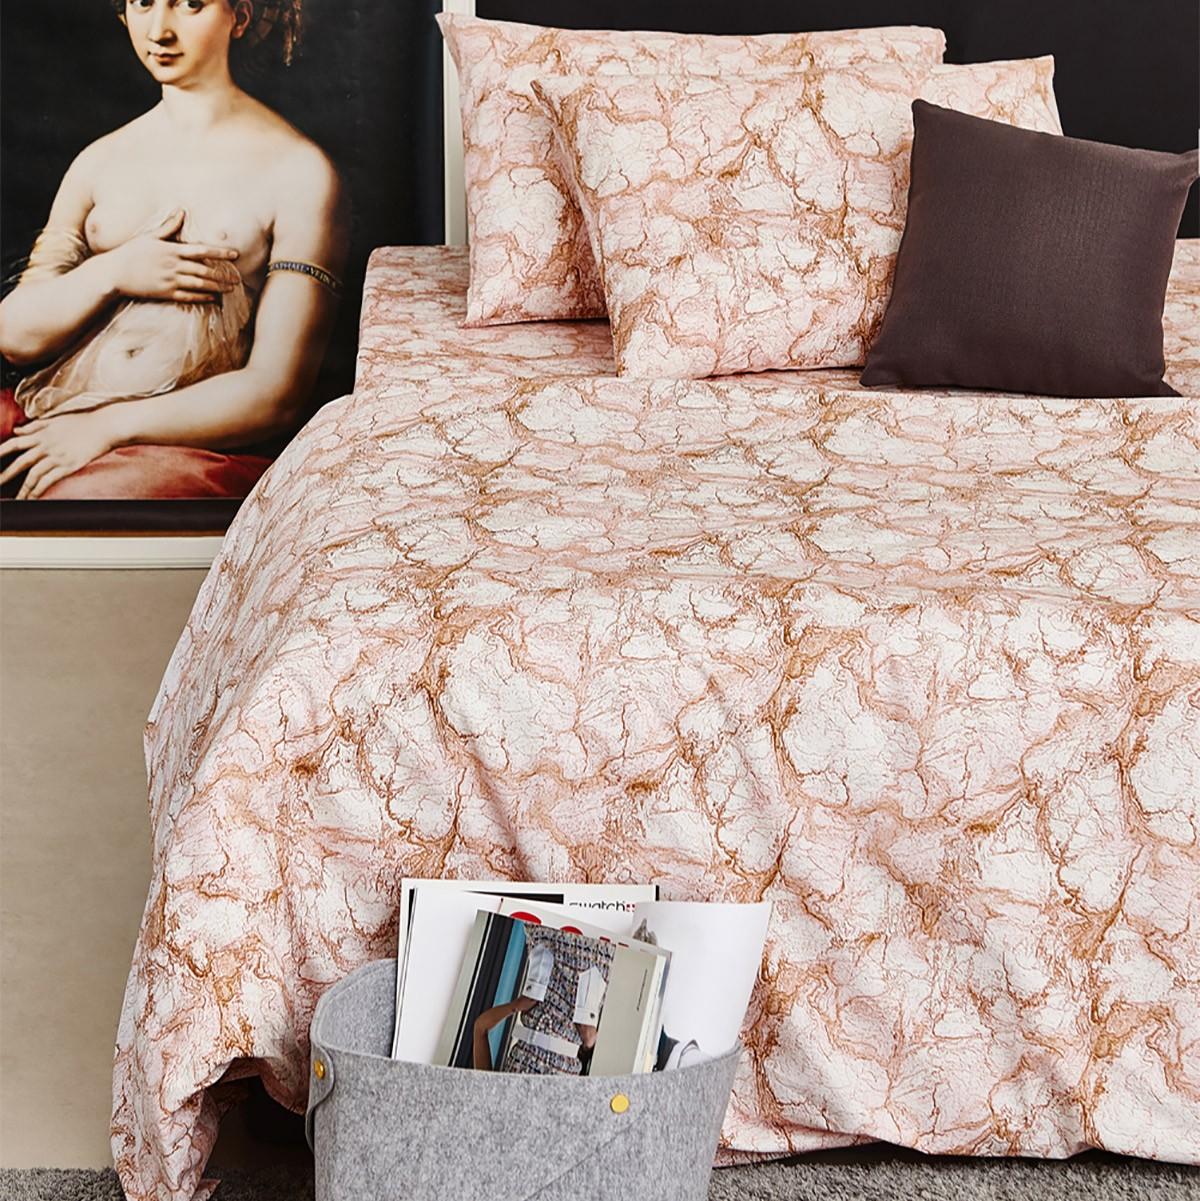 Σεντόνια Διπλά (Σετ) Melinen 13260 Marble Blush home   κρεβατοκάμαρα   σεντόνια   σεντόνια ημίδιπλα   διπλά